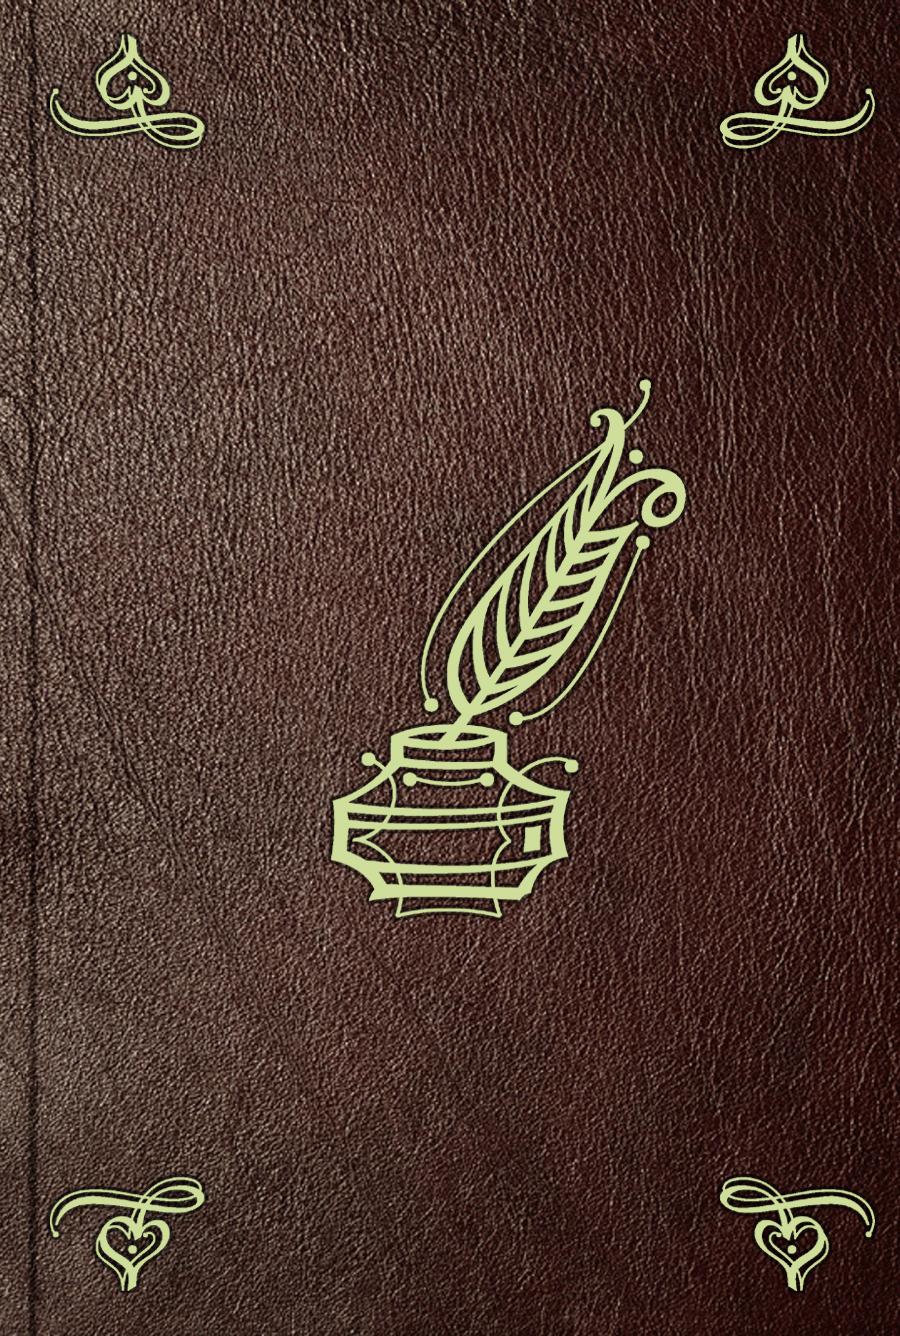 Жан-Жак Руссо Émile ou De l'éducation. T. 3 жан жак руссо collection complete des oeuvres de j j rousseau volume 11 french edition